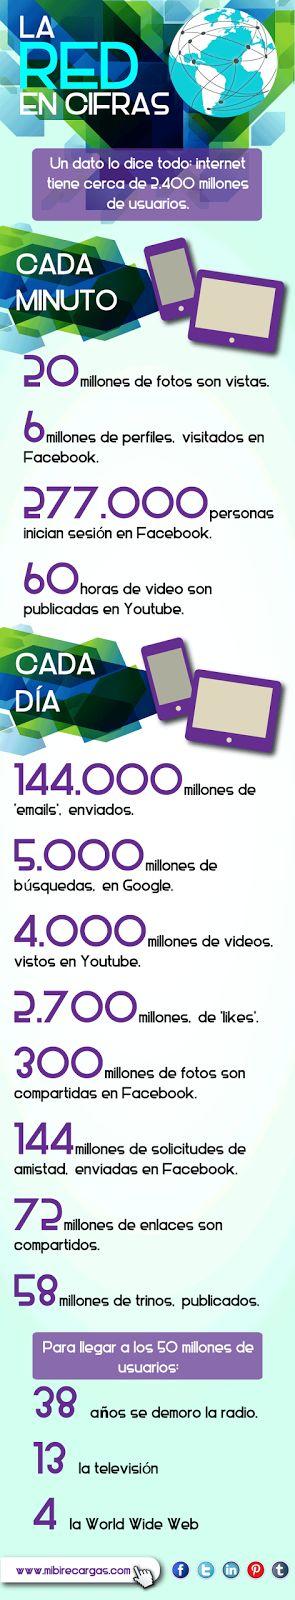 La red en cifras: Un dato lo dice todo! Conoce la importancia de la red y haz parte de ella, disfruta lo que más te gusta con mibi: Juegos, VoIP, Giftcards, Ewallet y mucho más. www.mibirecargas.com